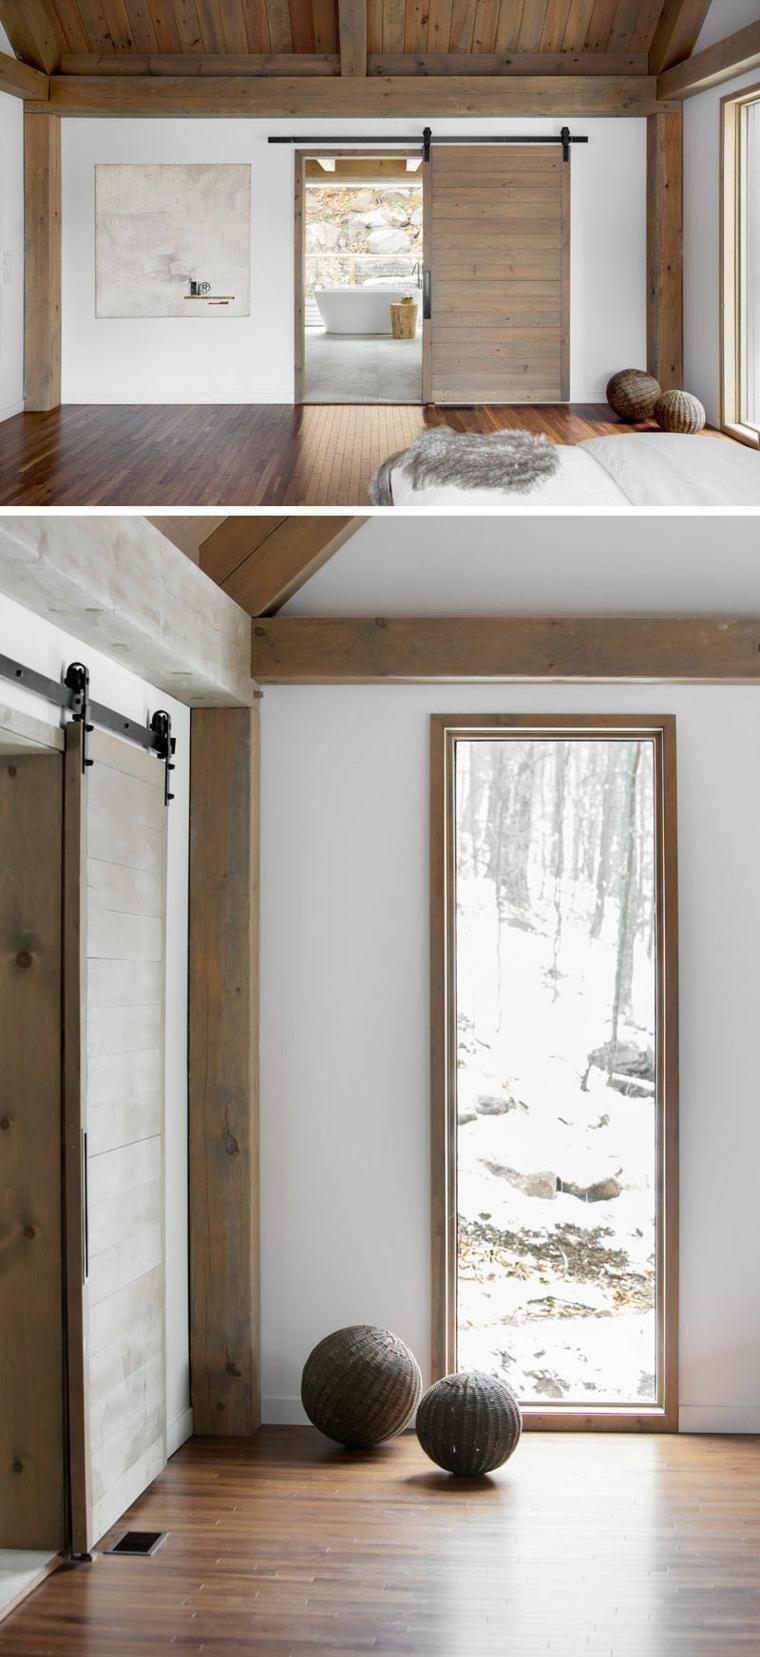 Interior Design Haus 2018 Schiebetüren für jede Umgebung und jeden ...